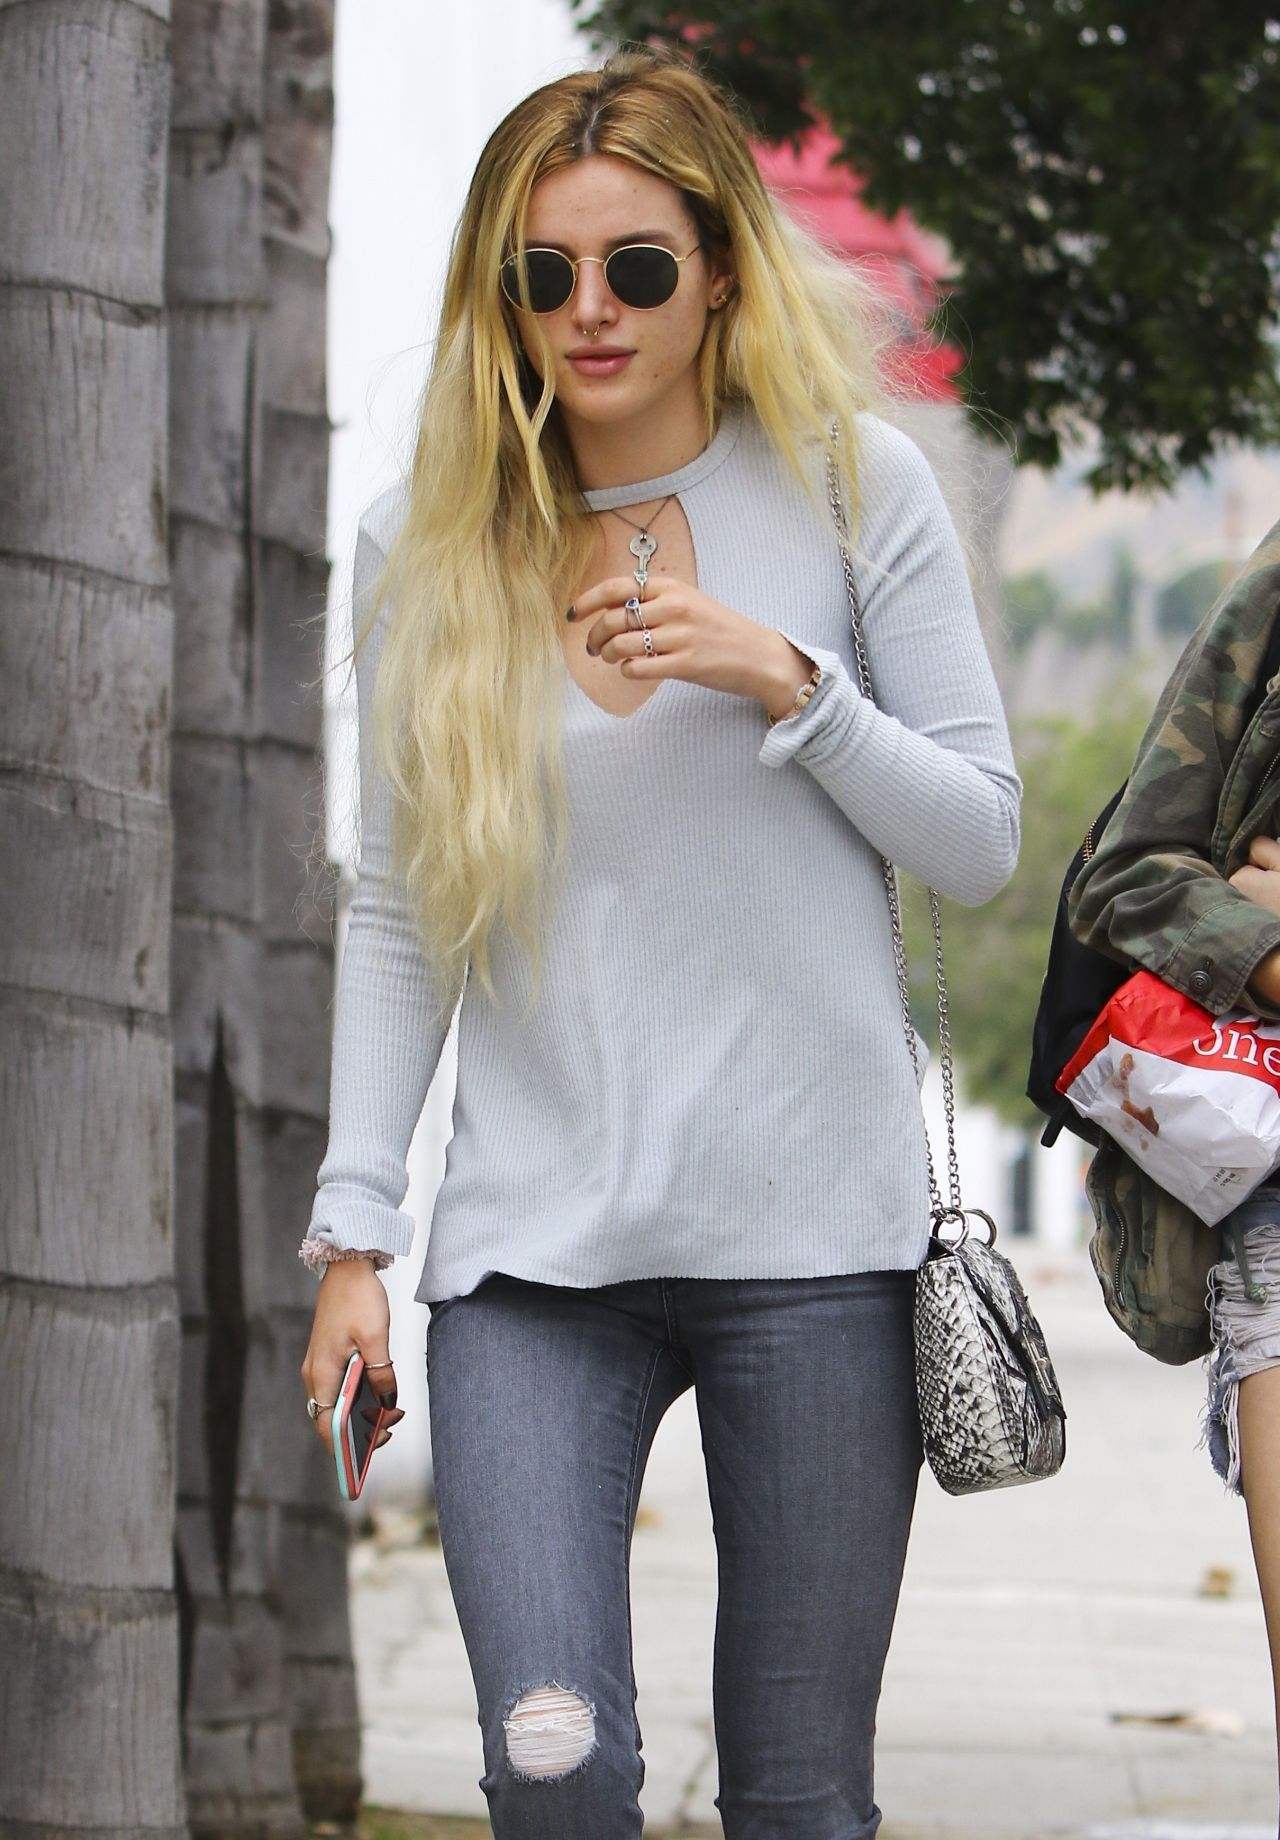 Bella Thorne Urban Street Fashion Los Angeles 05 31 2017